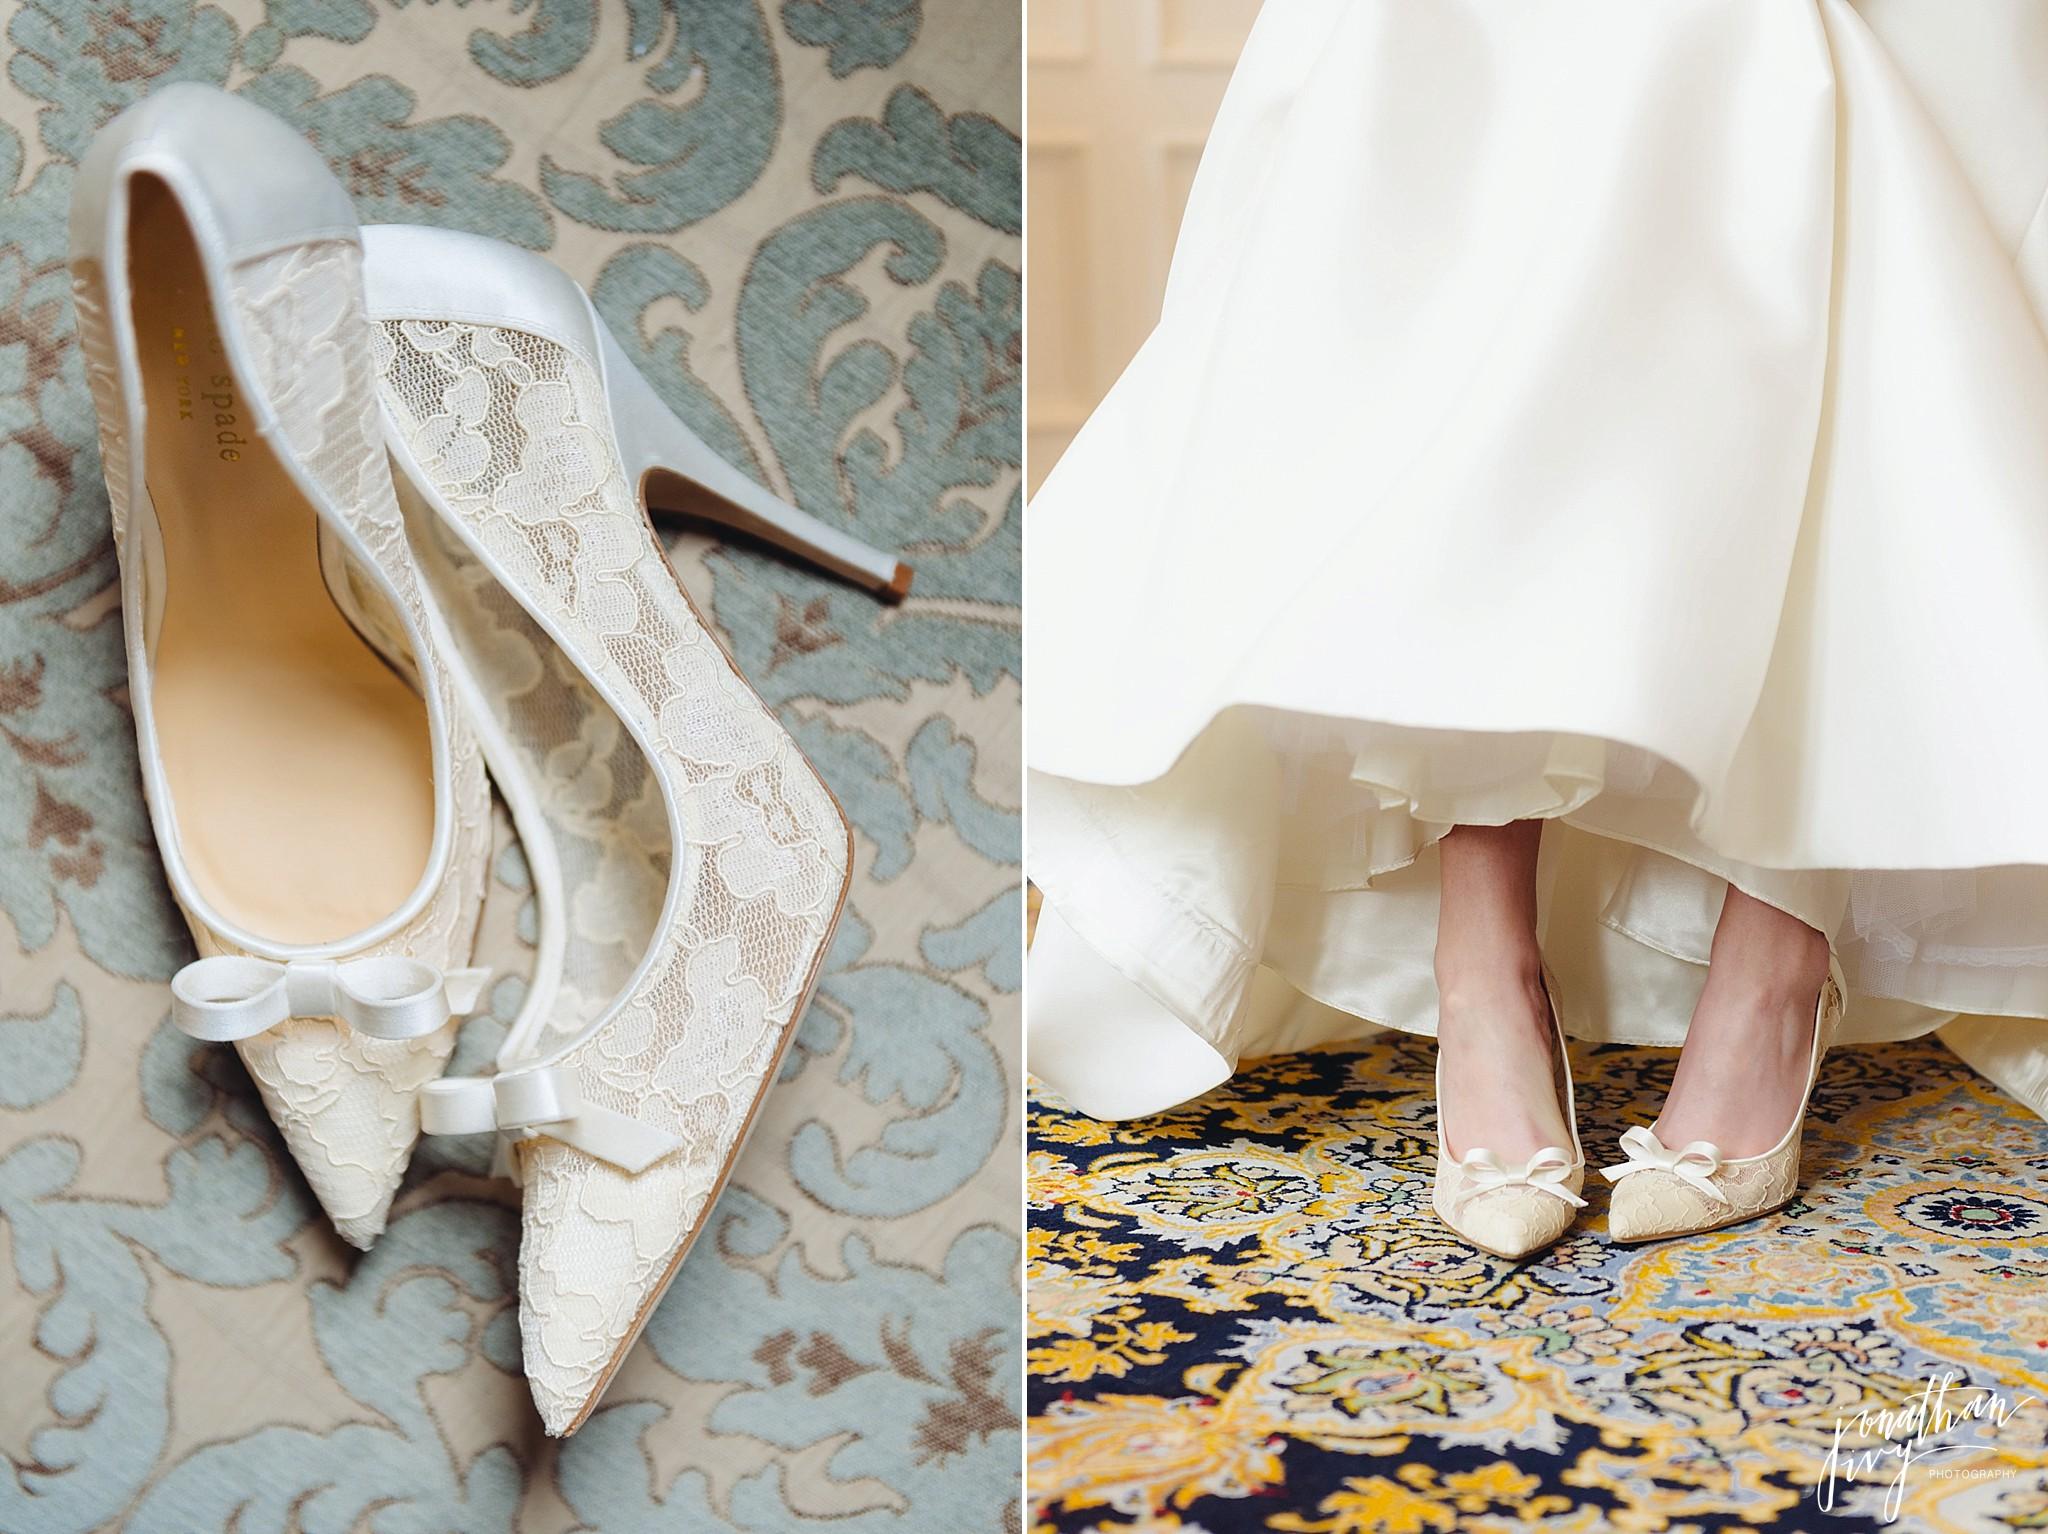 White lace Kate Spade